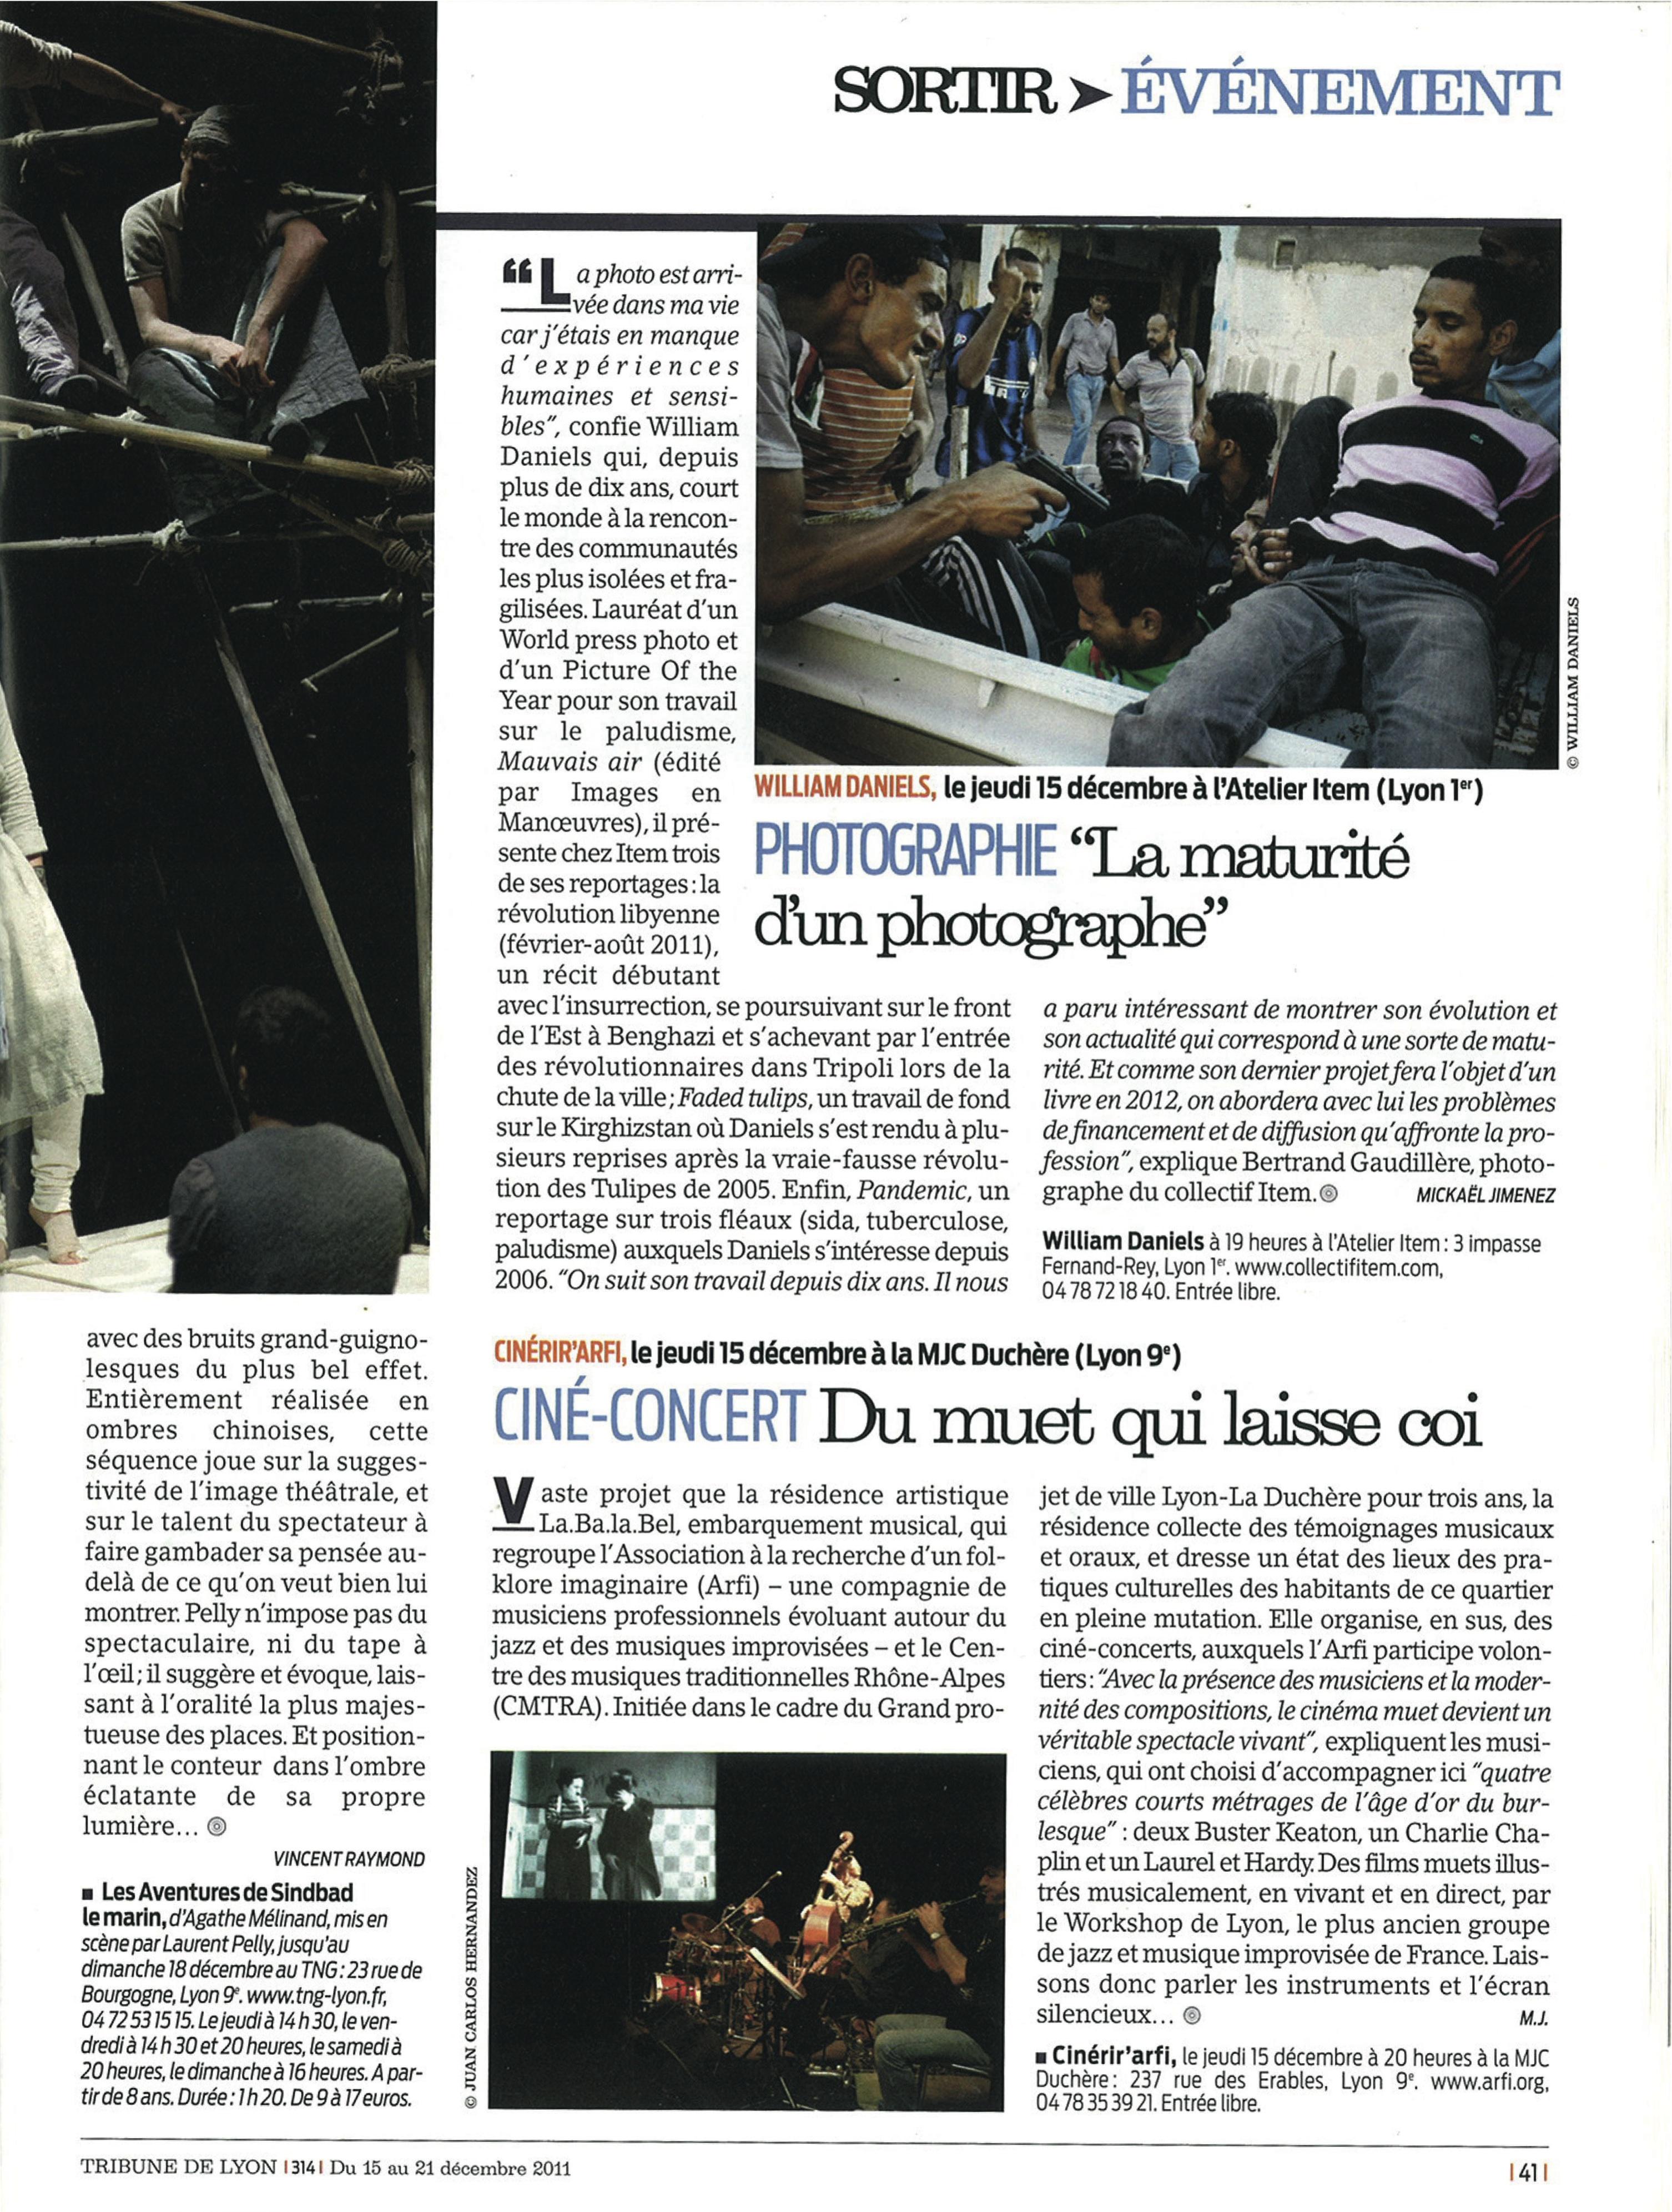 Tribune de Lyon-15au21déc2011